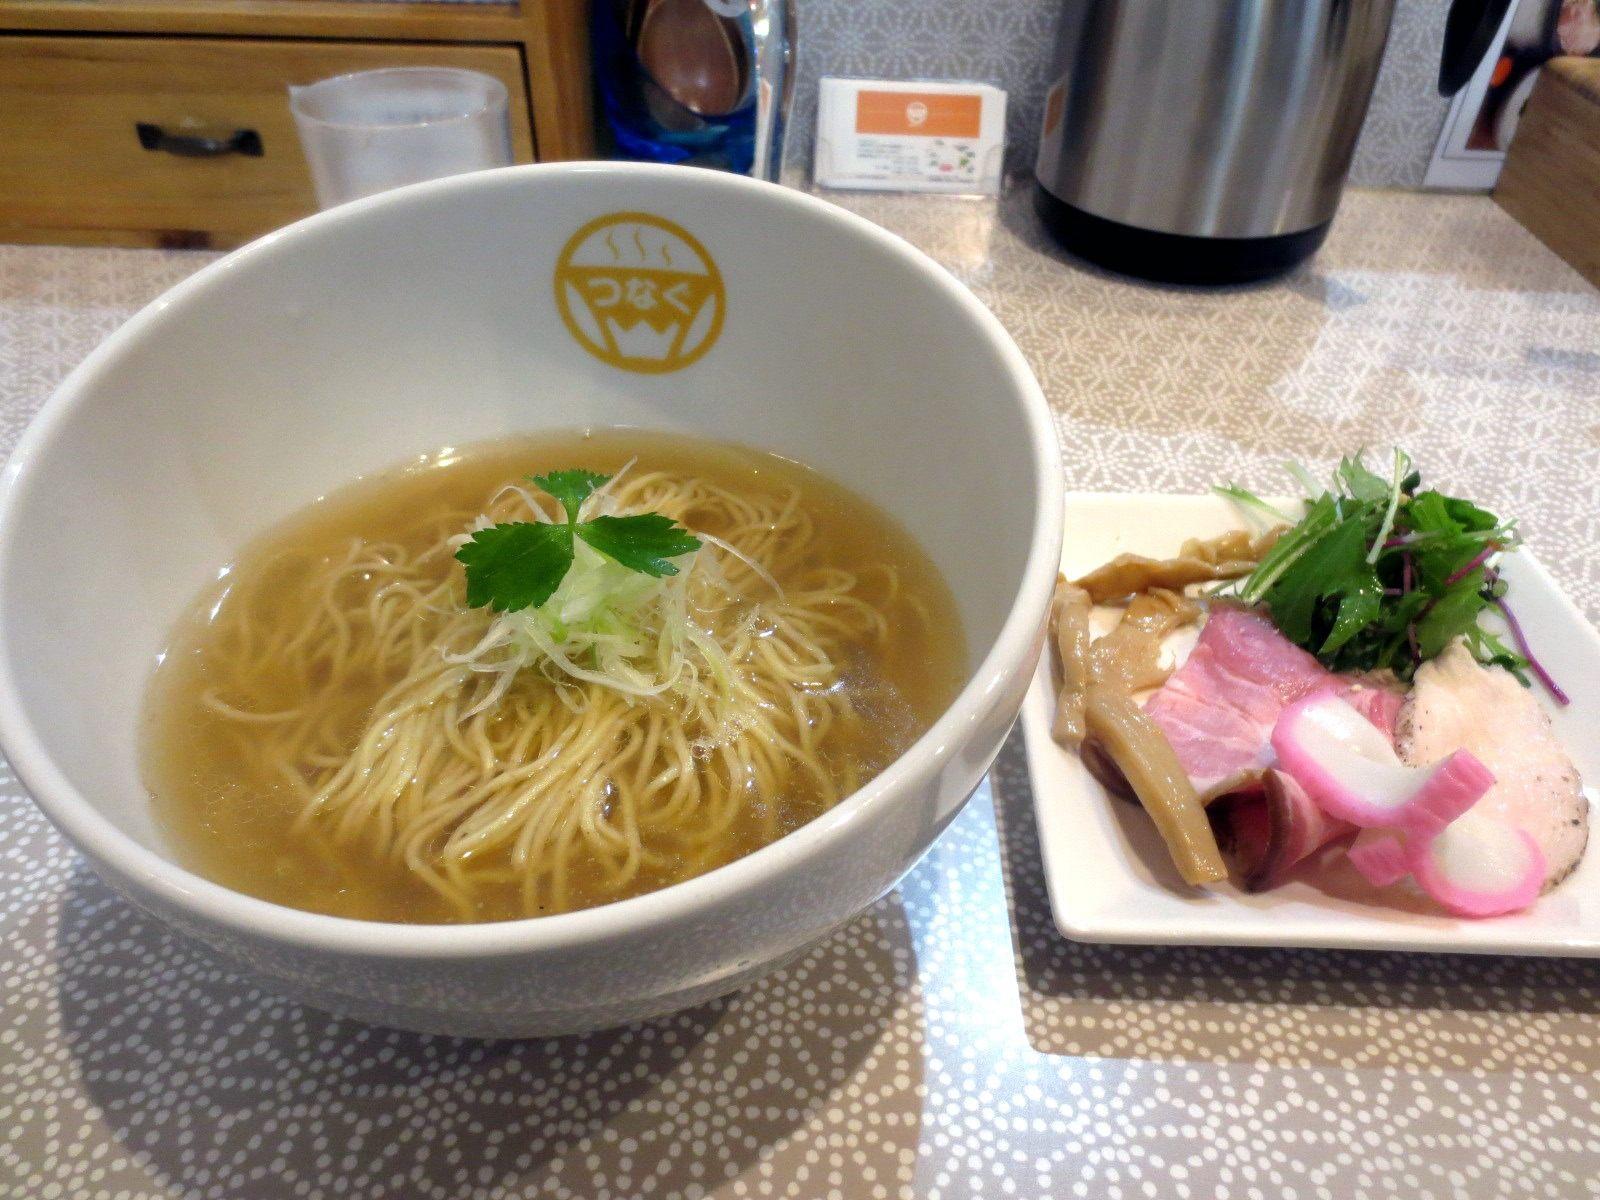 「明日之鹽味拉麵」 750日圓